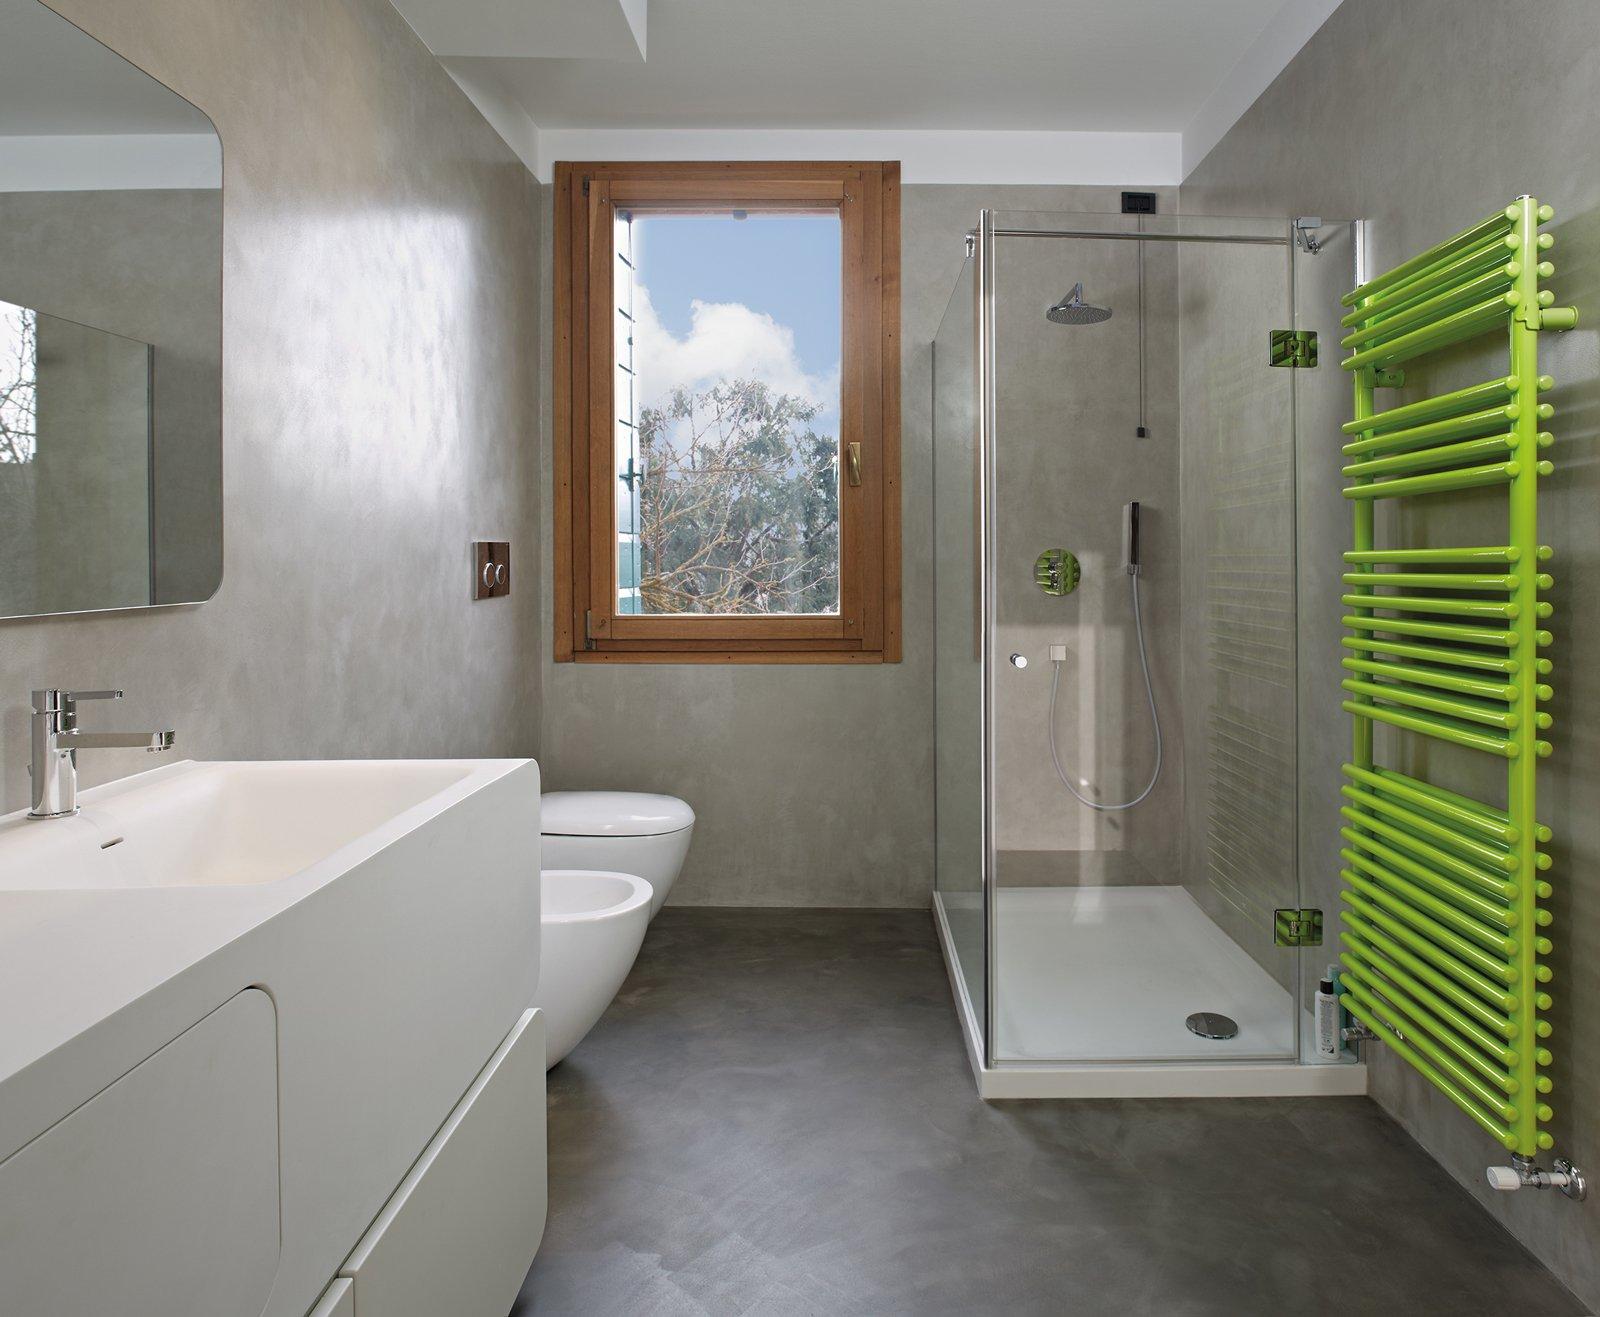 Idee Bagno Senza Mattonelle: Oltre idee su bagni con piastrelle gialle ...